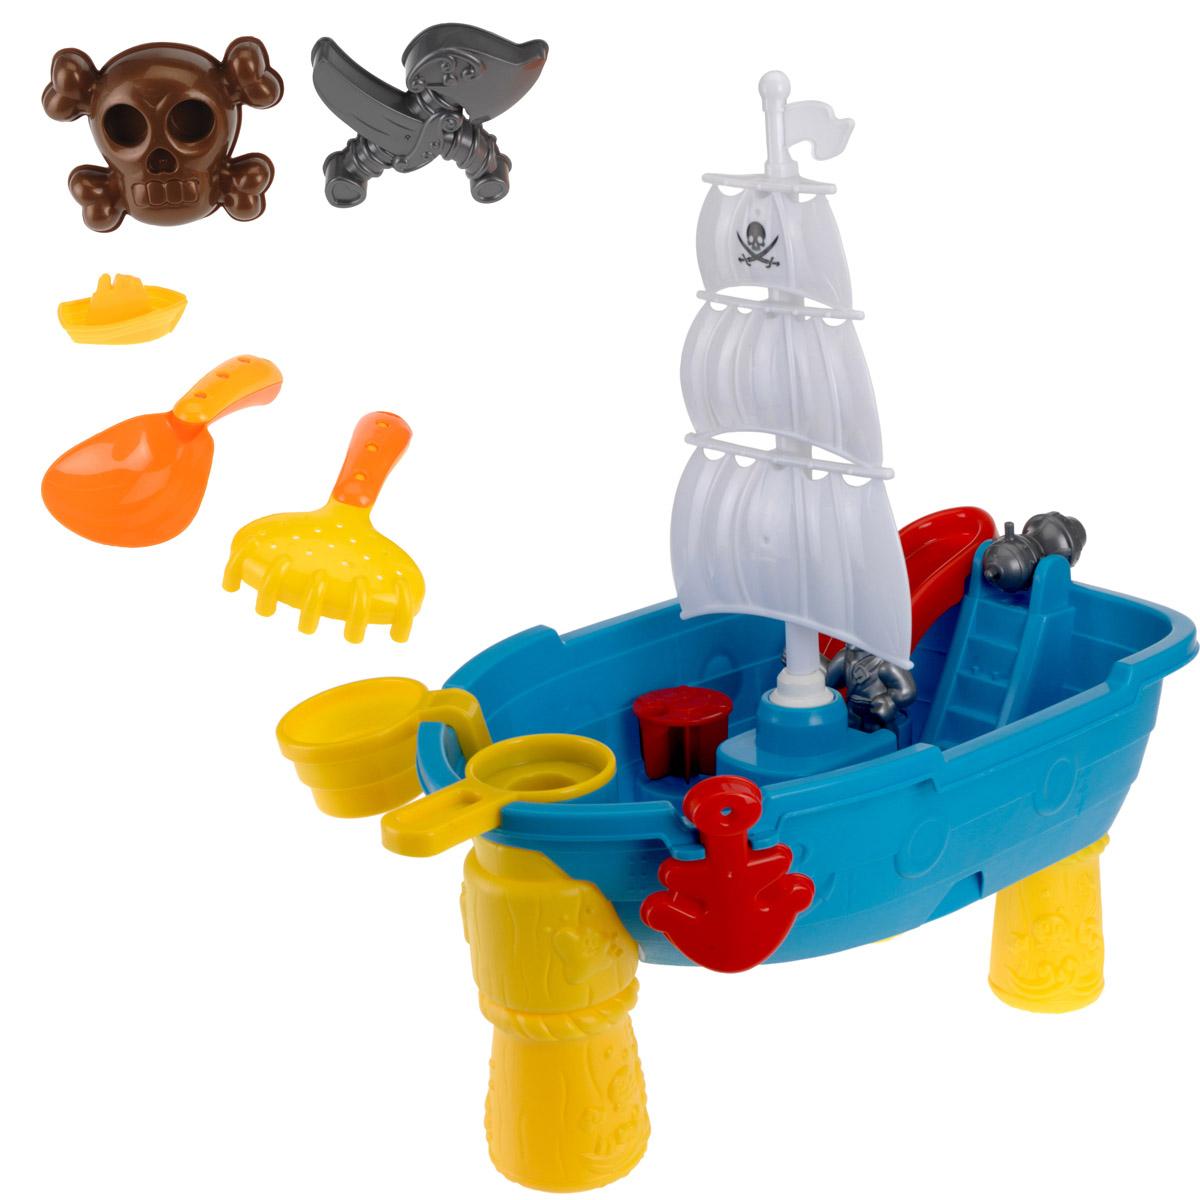 Tlg strandspielzeug wasser piratenschiff strand